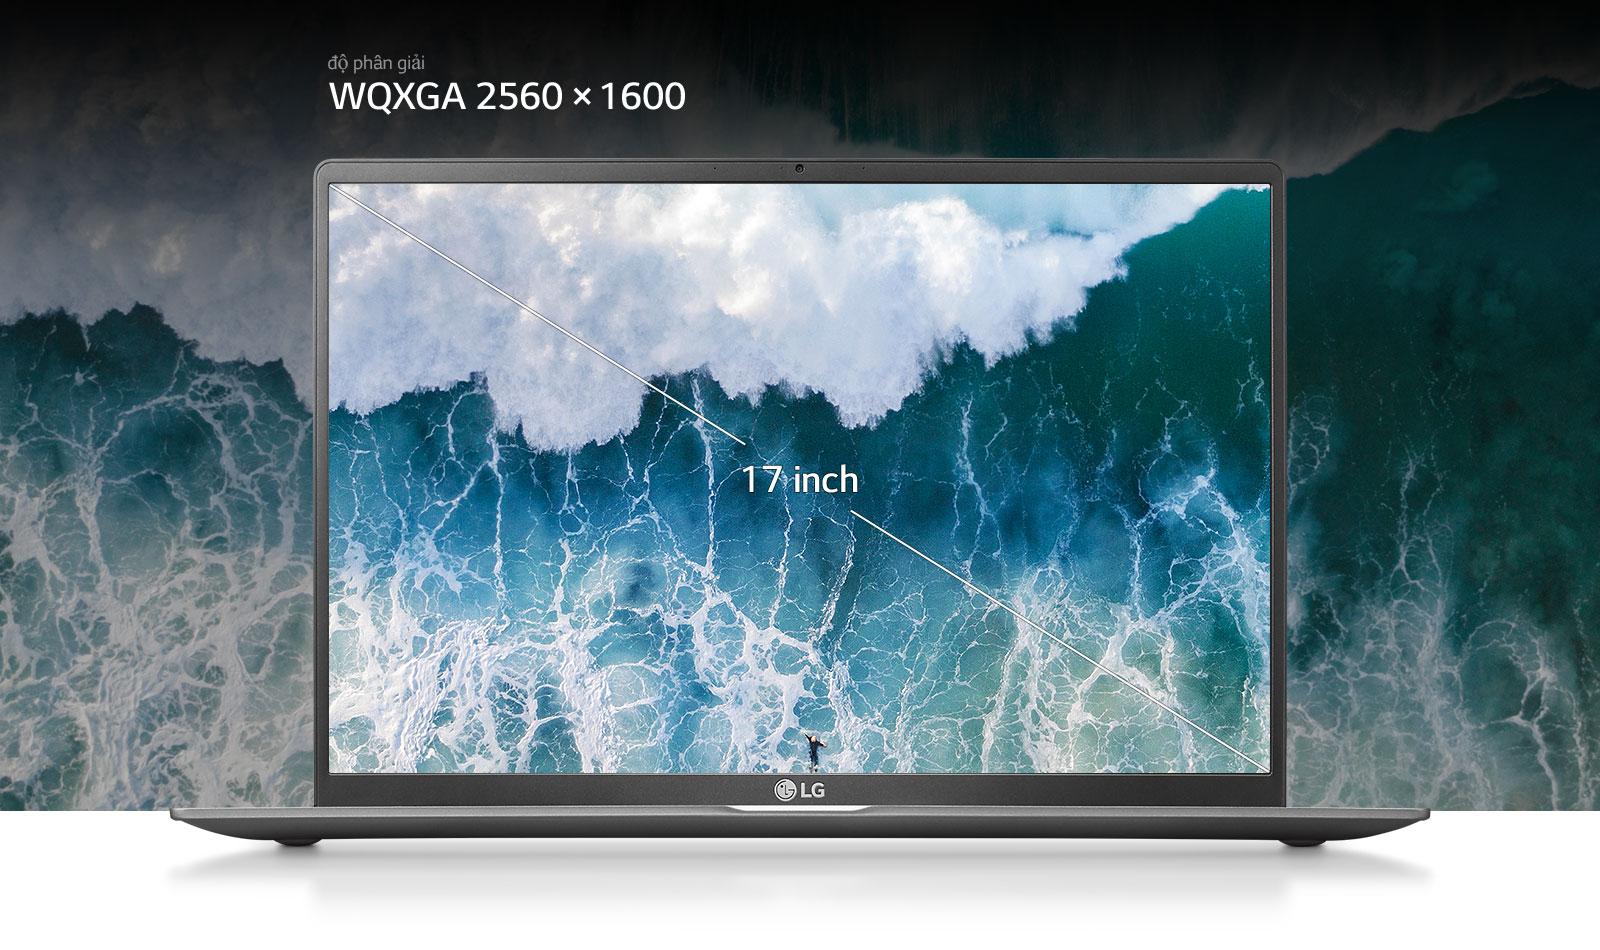 độ phân giải WQXGA 2560 x 1600